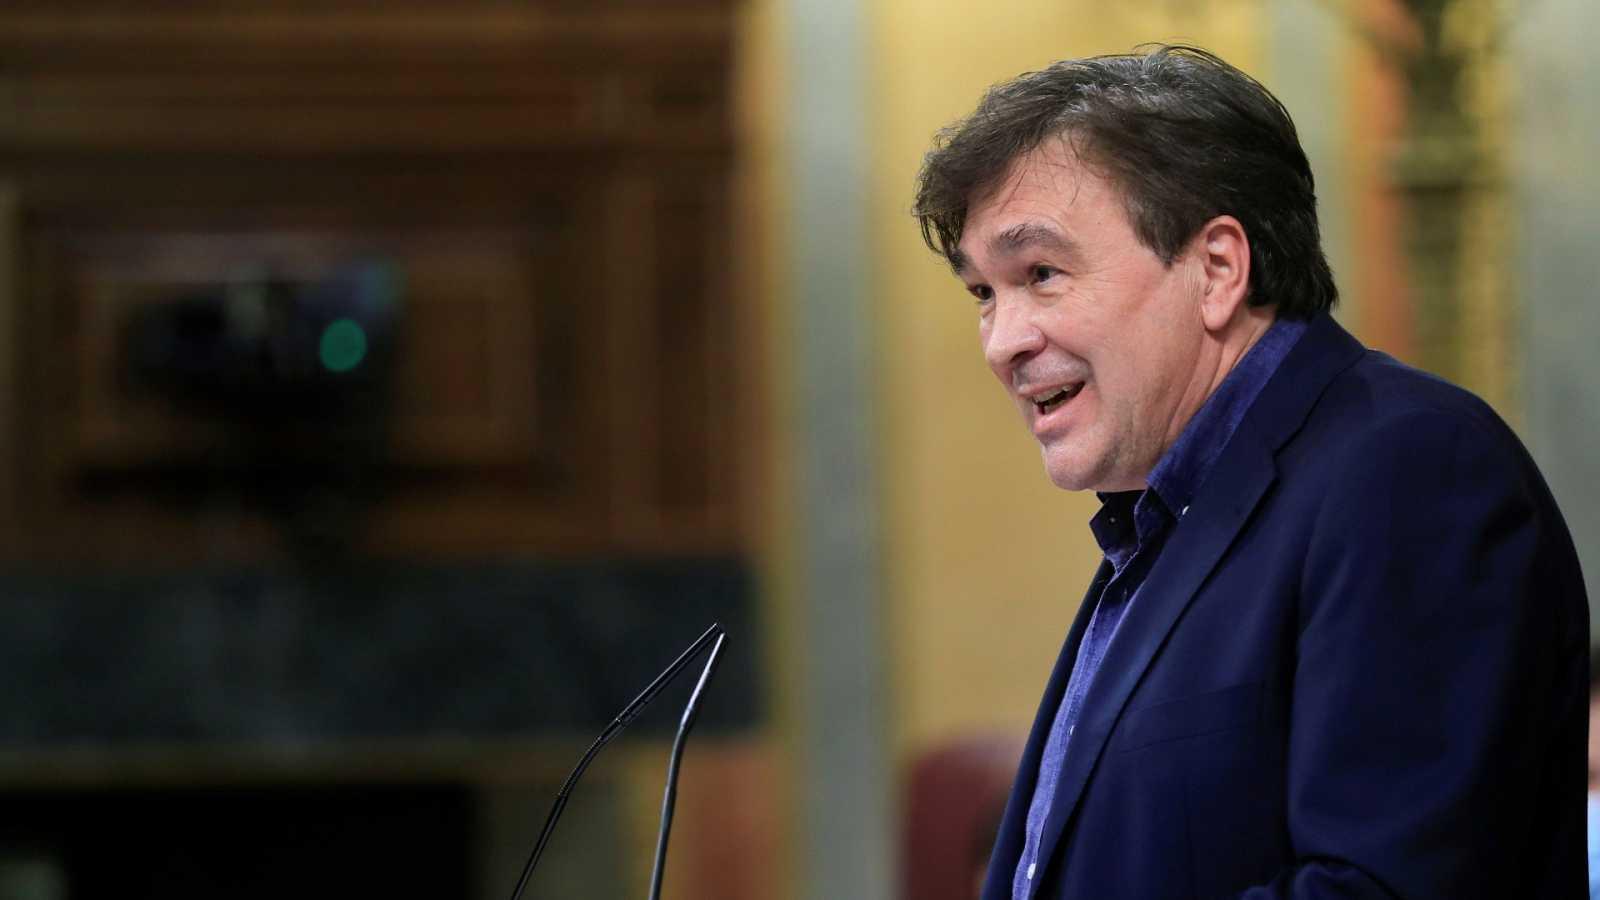 Especial informativo - Debate de la moción de censura de VOX al Gobierno (4) - ver ahora